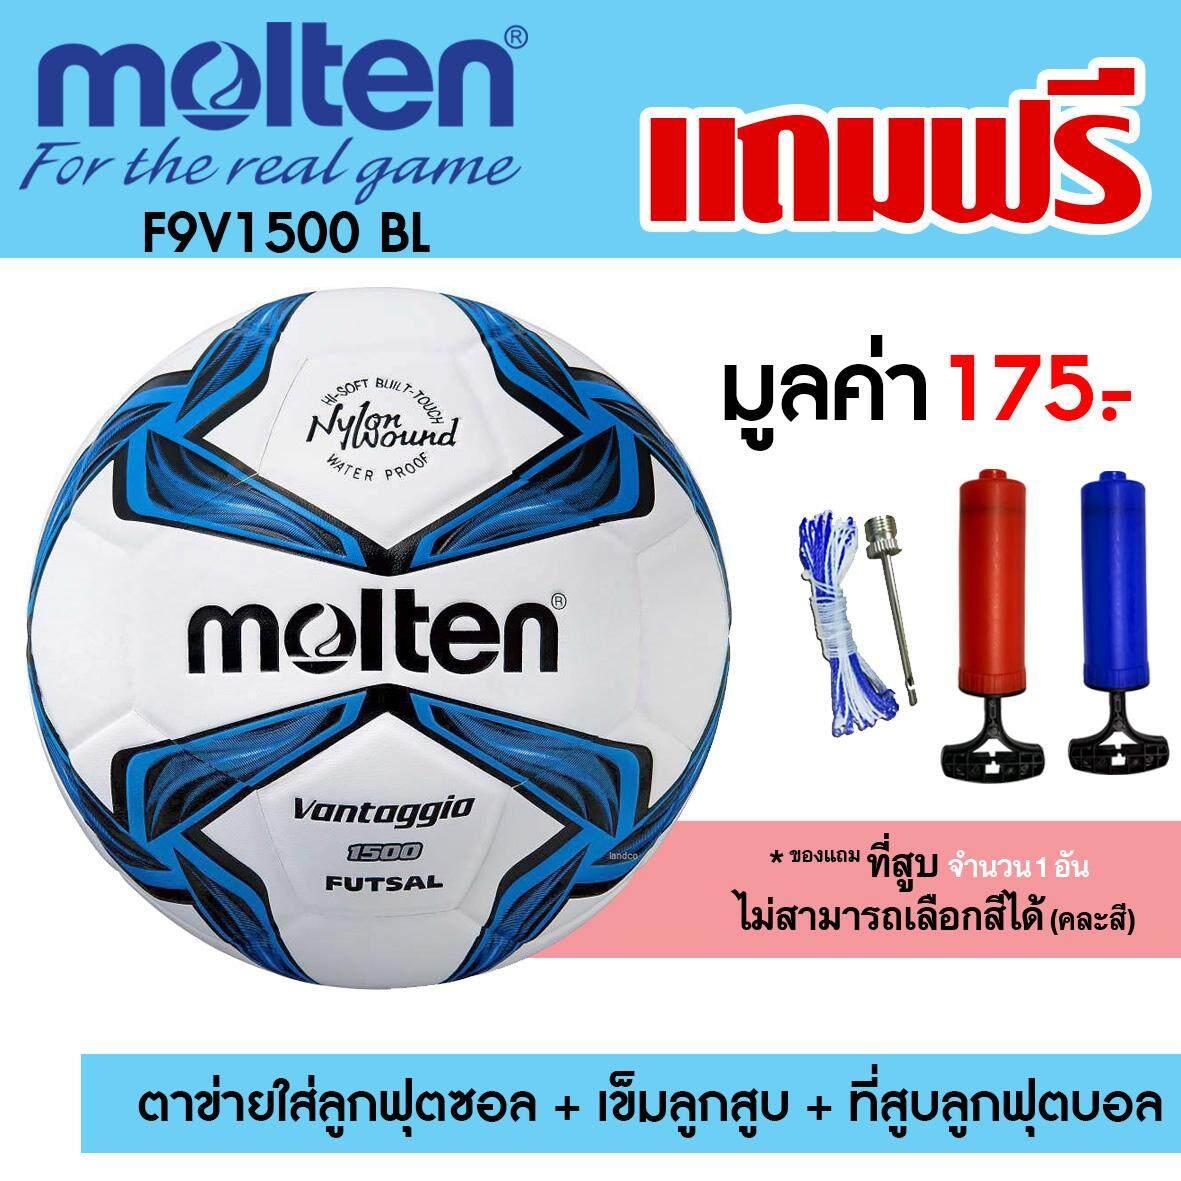 การใช้งาน  MOLTEN ฟุตซอล Futsal MOT PVC F9V1500 BL เบอร์3.5 แถมฟรี ตาข่ายใส่ลูกฟุตซอล + เข็มสูบสูบลม + สูบมือ SPL รุ่น SL6 สีชมพู